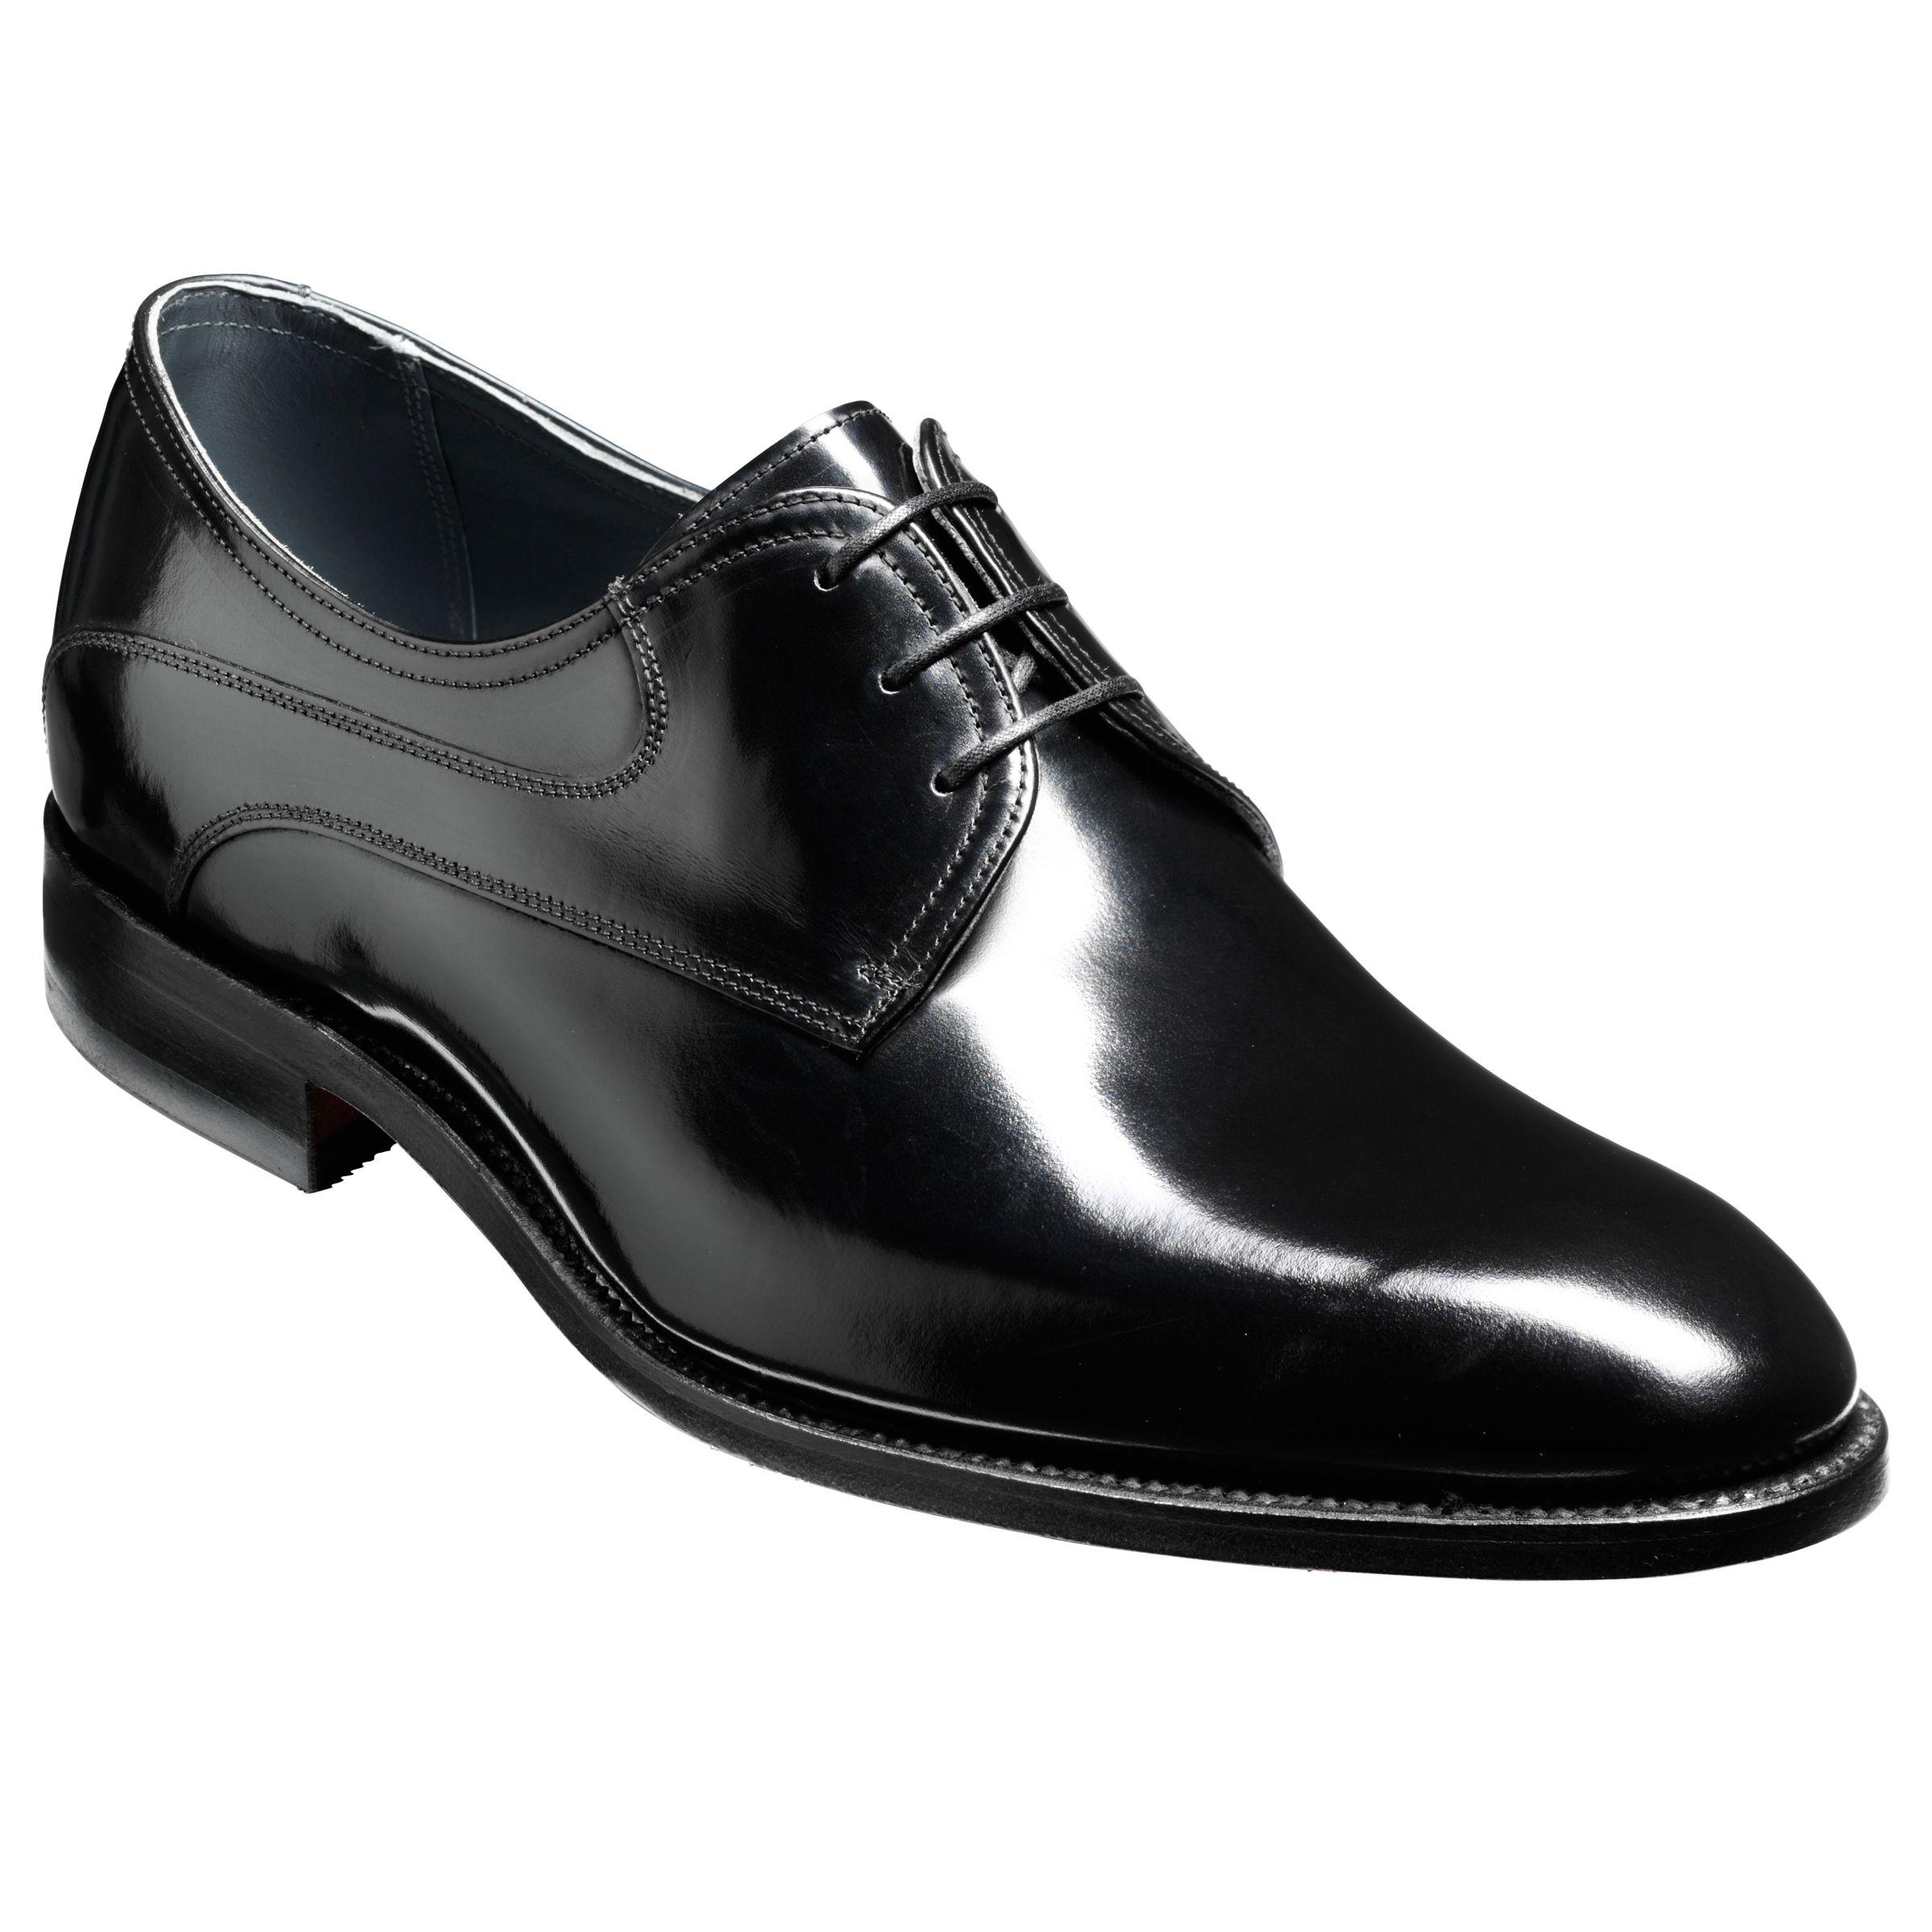 Barker Barker Wickham Derby Shoes, Black